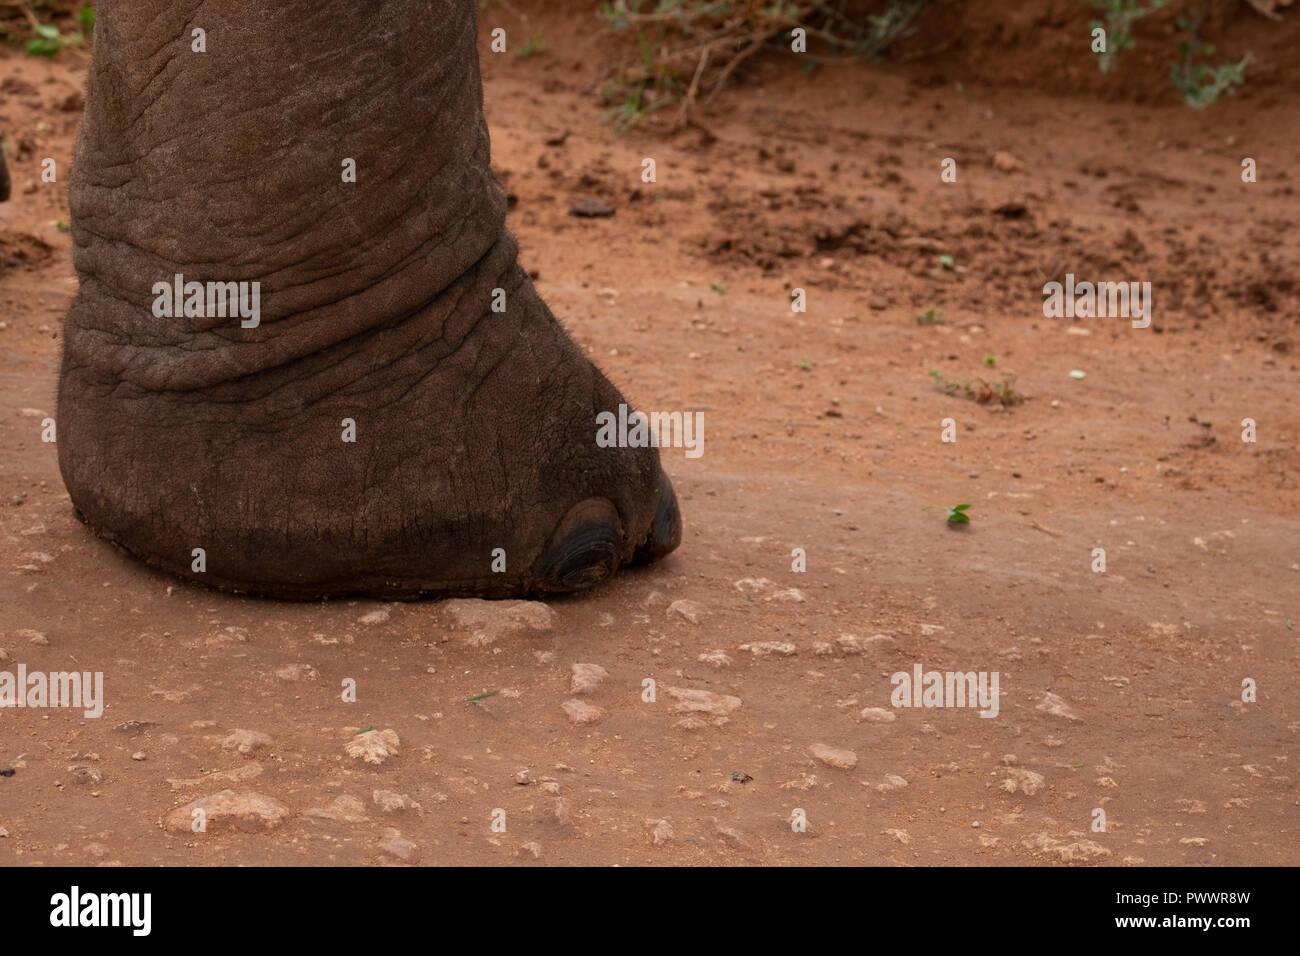 close up of elephant footSA - Stock Image